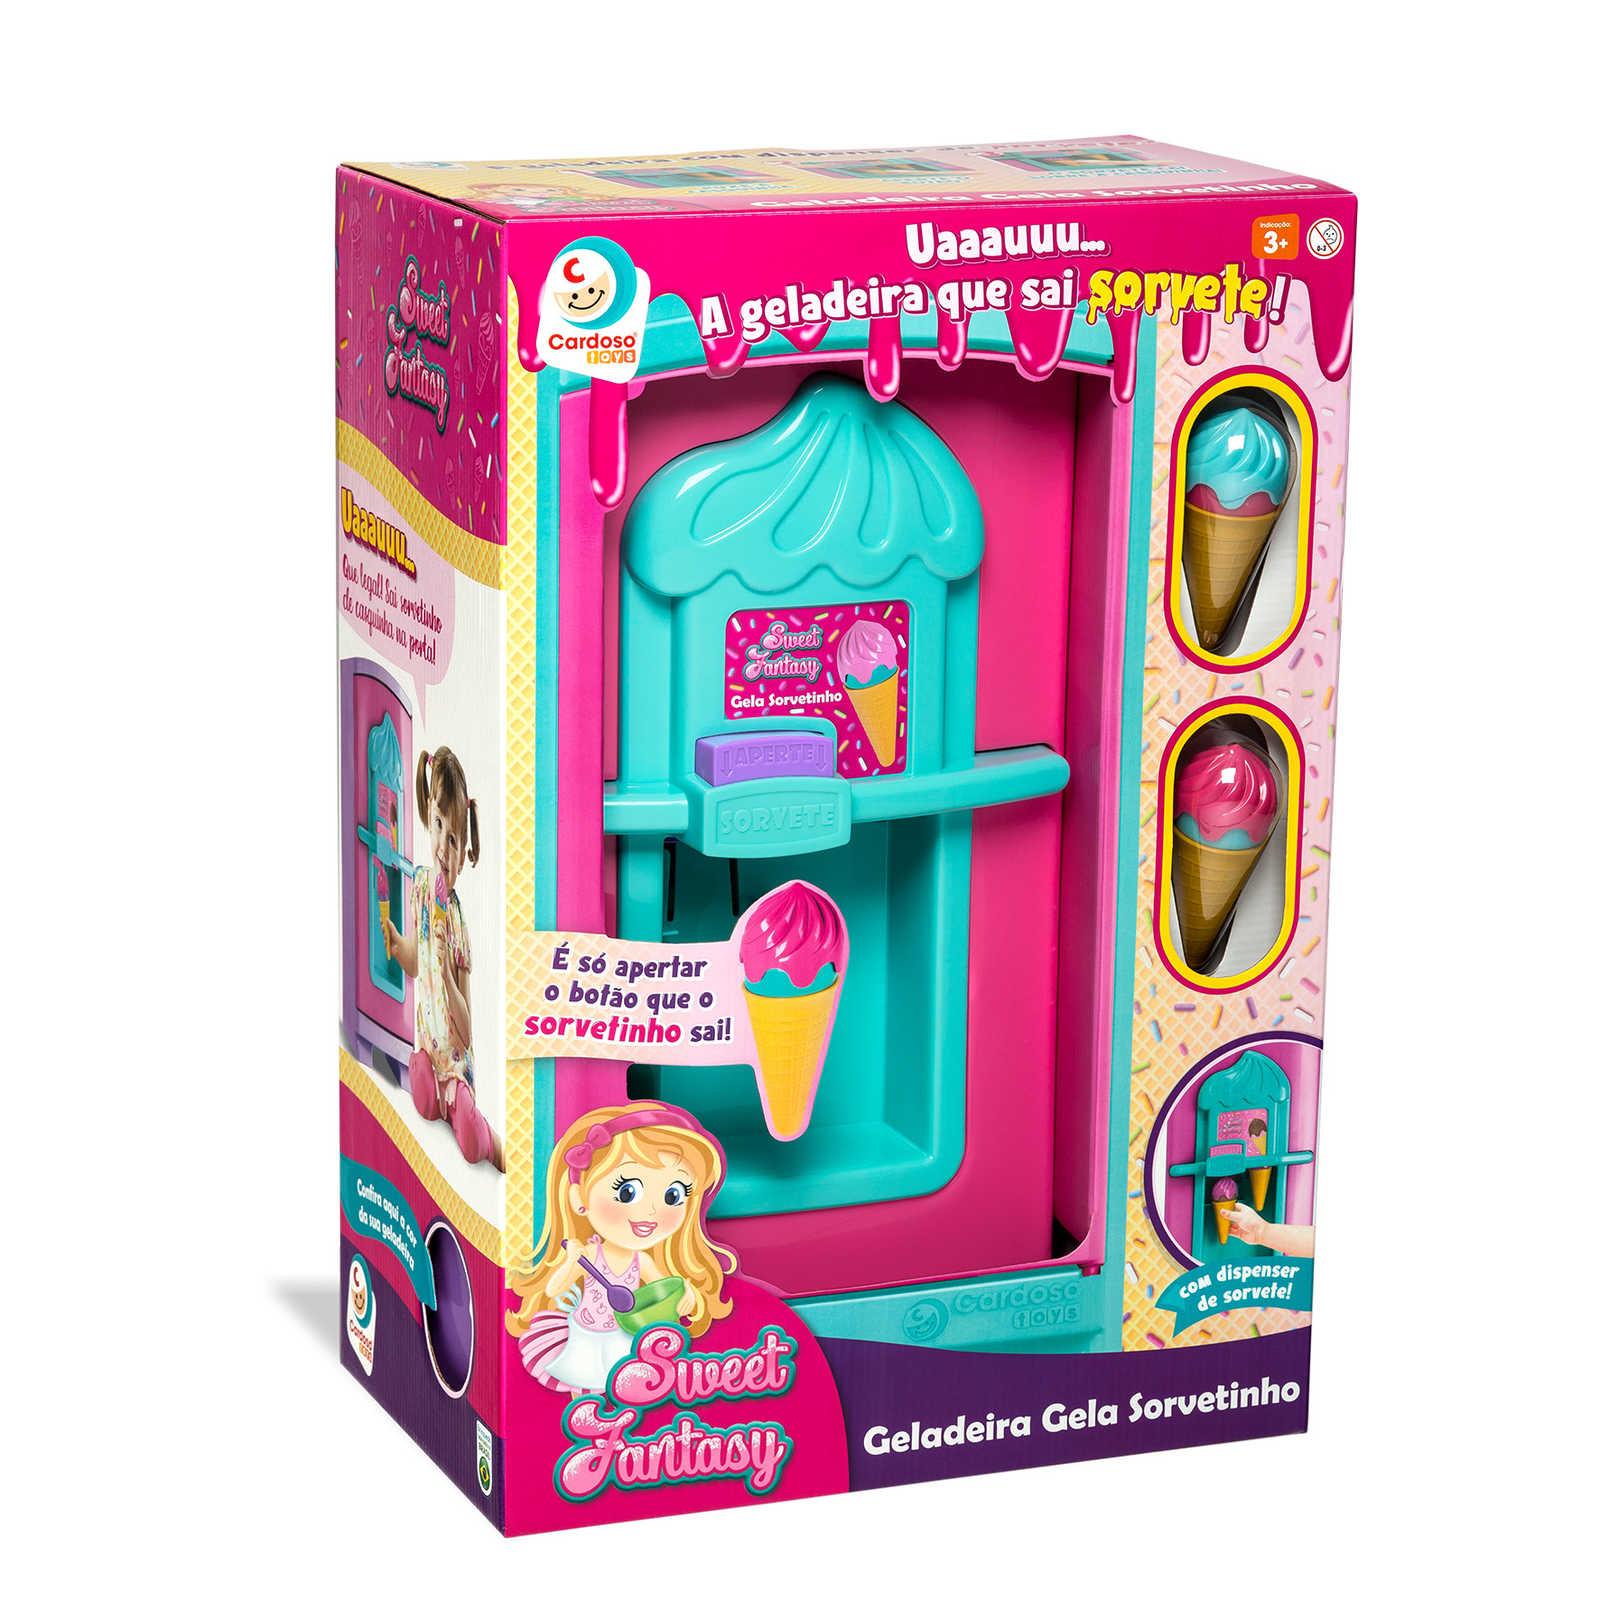 Brinquedo Sweet Fantasy Geladeira Gela Sorvetinho - Cardoso